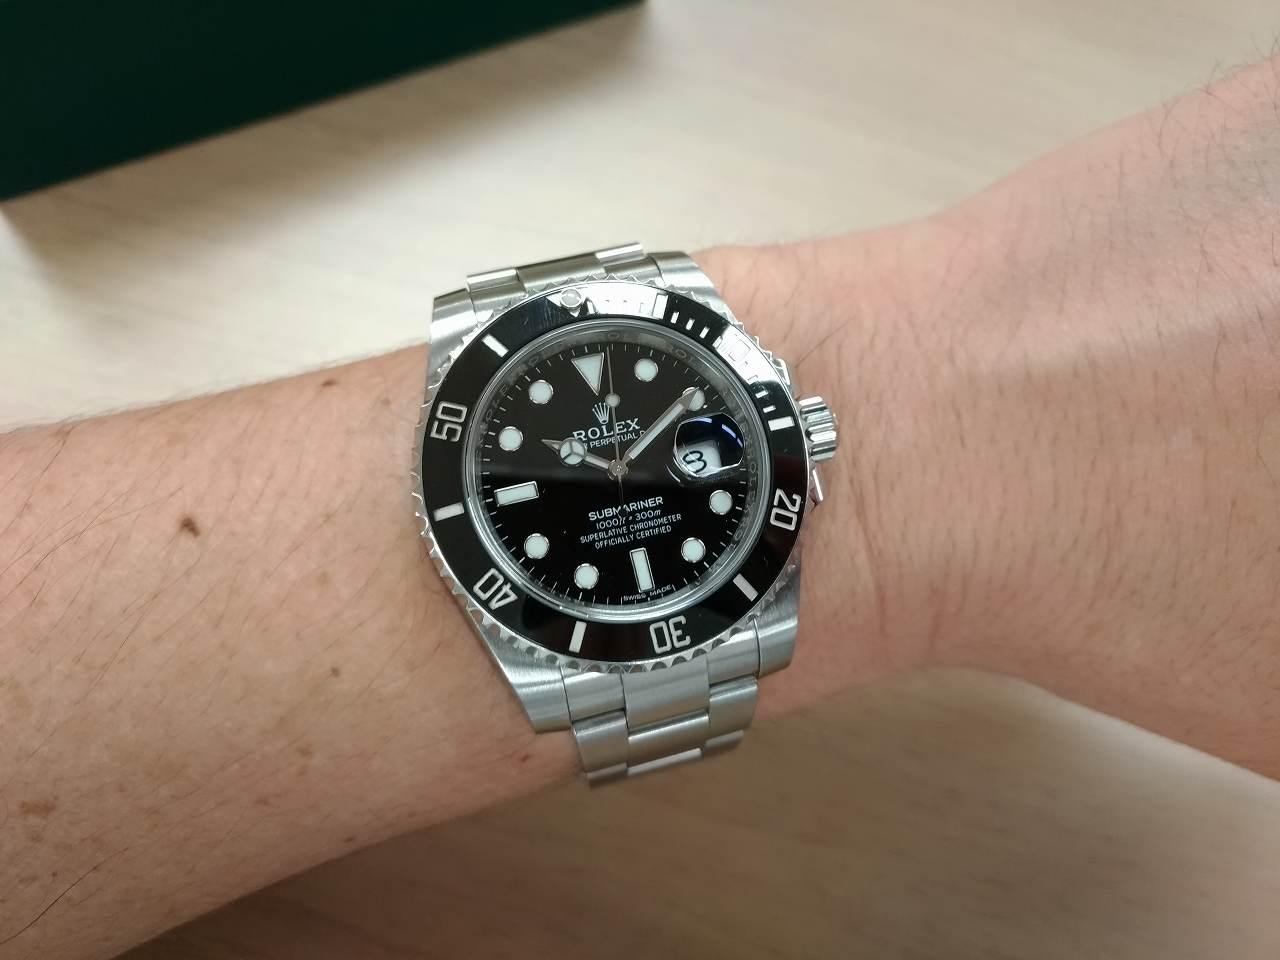 【究極の腕時計選び】お金が無い人ほど人気モデルを買っておきべきなのかも ロレックス/パテックフィリップ/オーデマピゲ